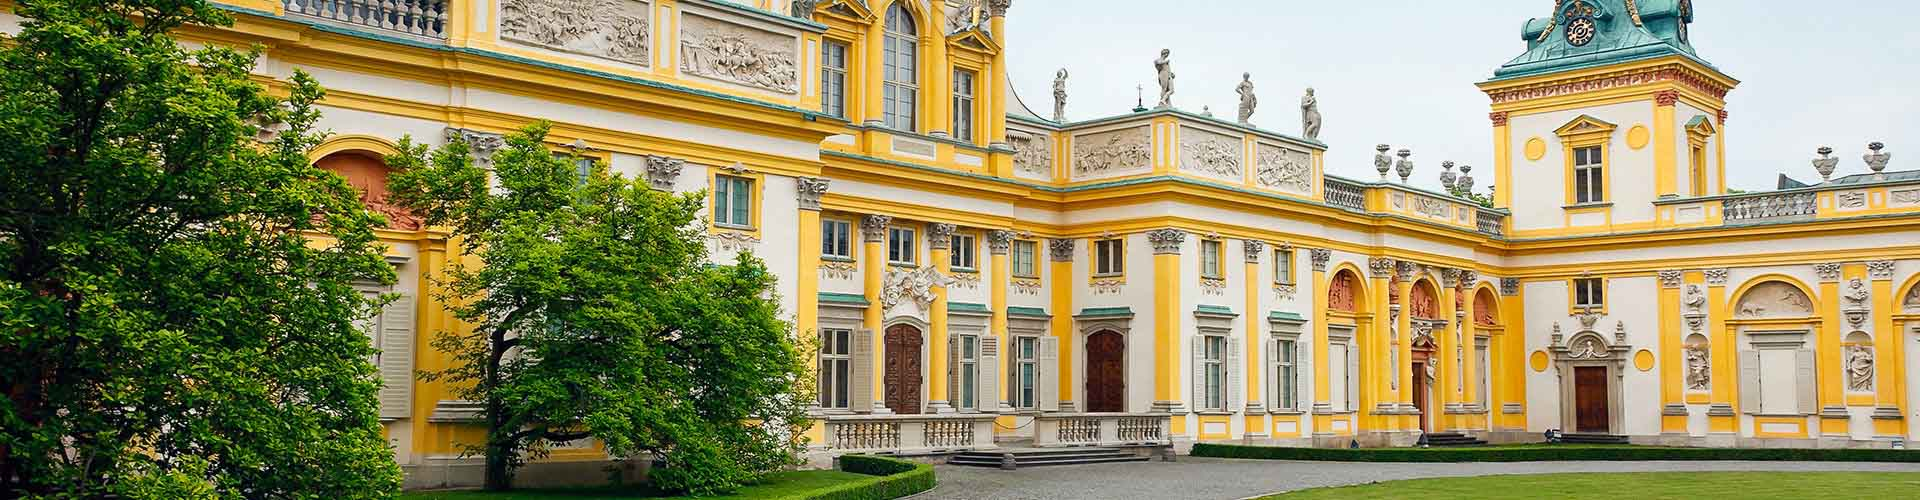 Warschau - Jugendherbergen in Warschau. Warschau auf der Karte. Fotos und Bewertungen für jede Jugendherberge in Warschau.